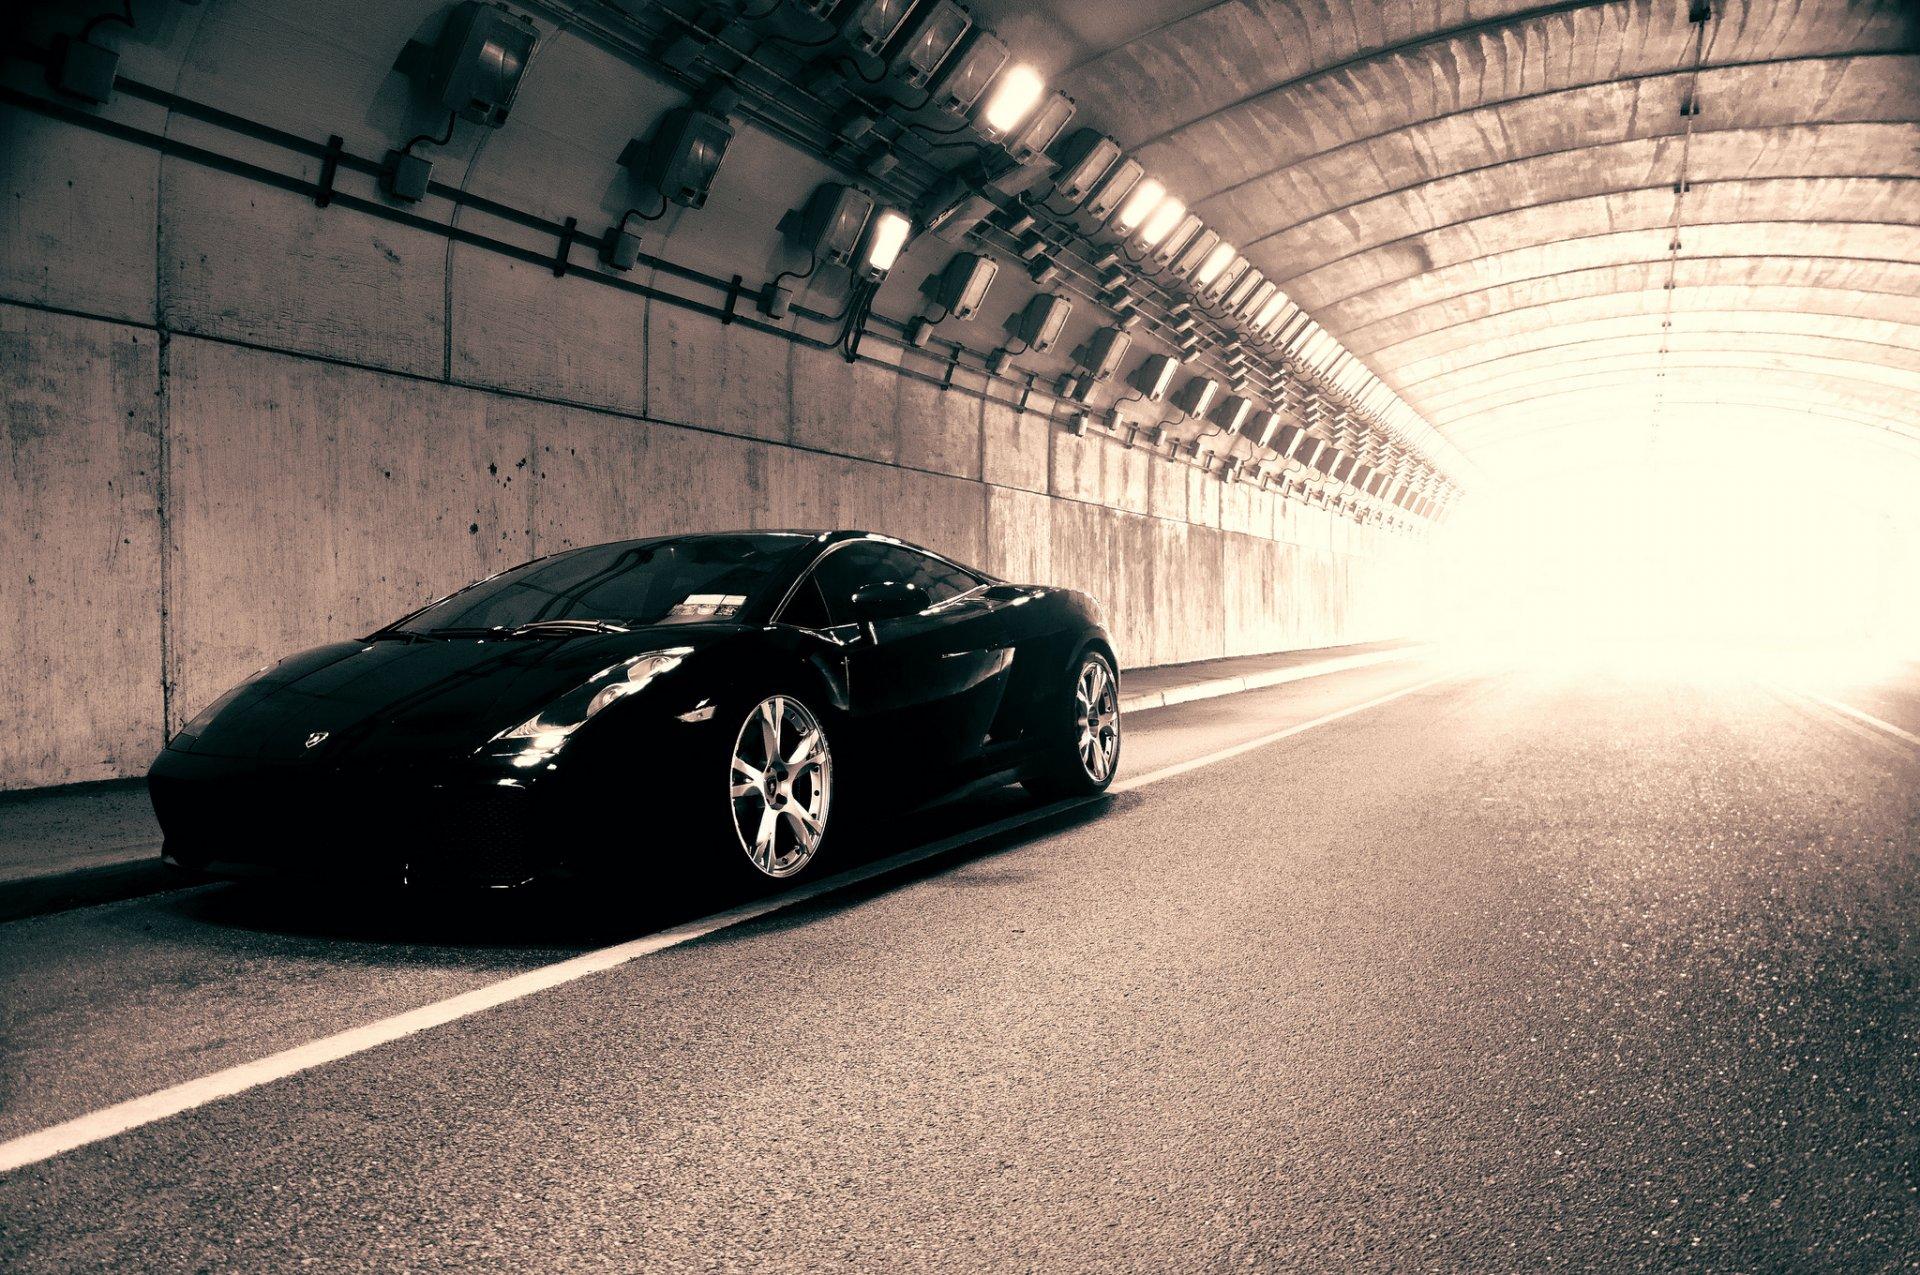 Авто в тунеле бесплатно